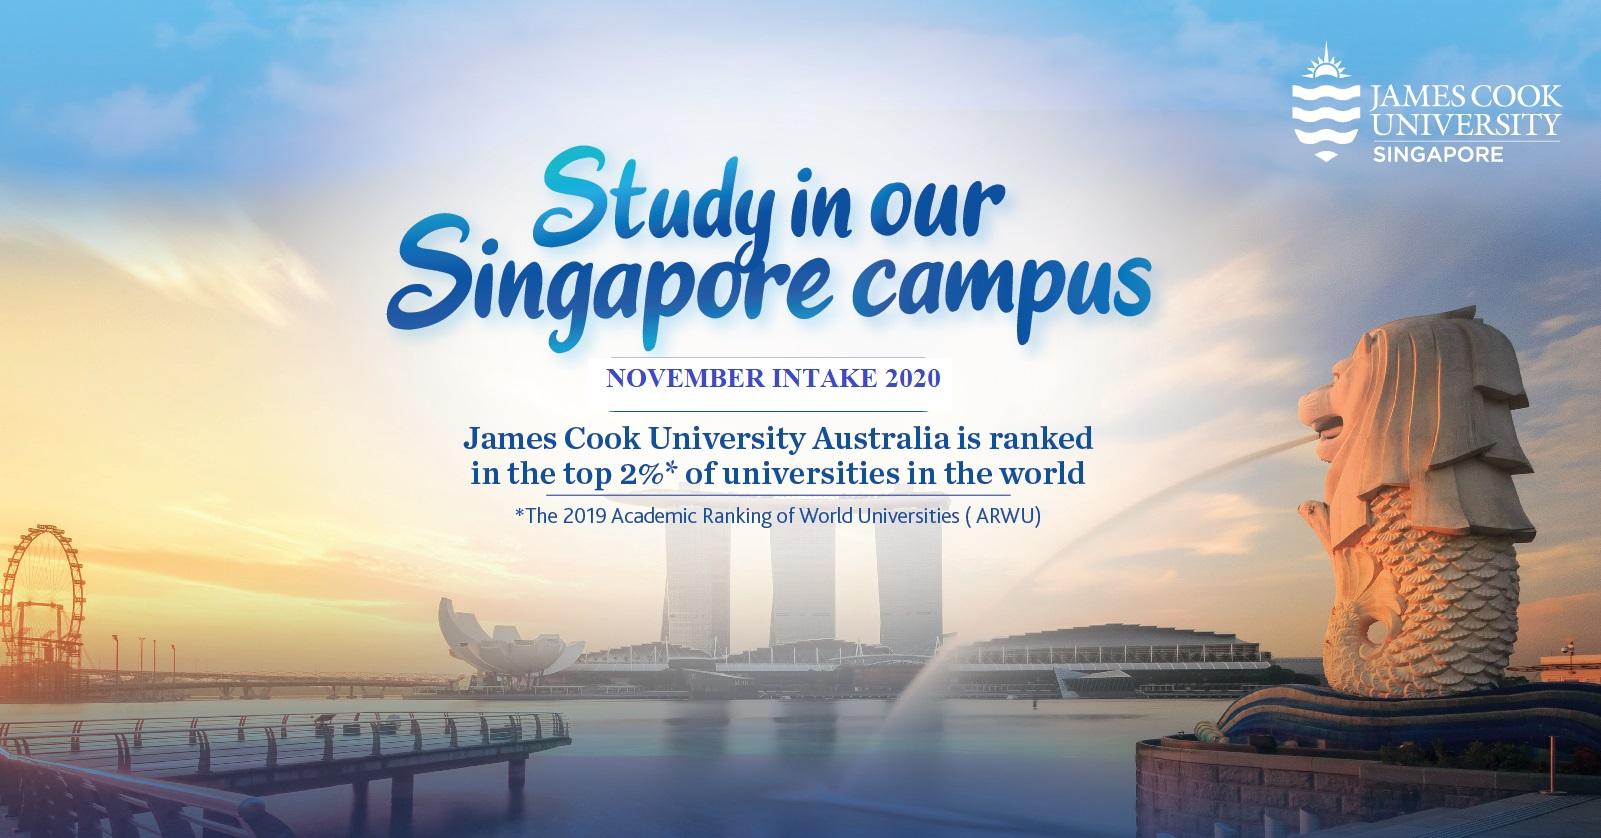 Học bổng du học Đại học James Cook Singapore kỳ tháng 11.2020 - Cơ hội nhận học bổng dễ chưa từng có